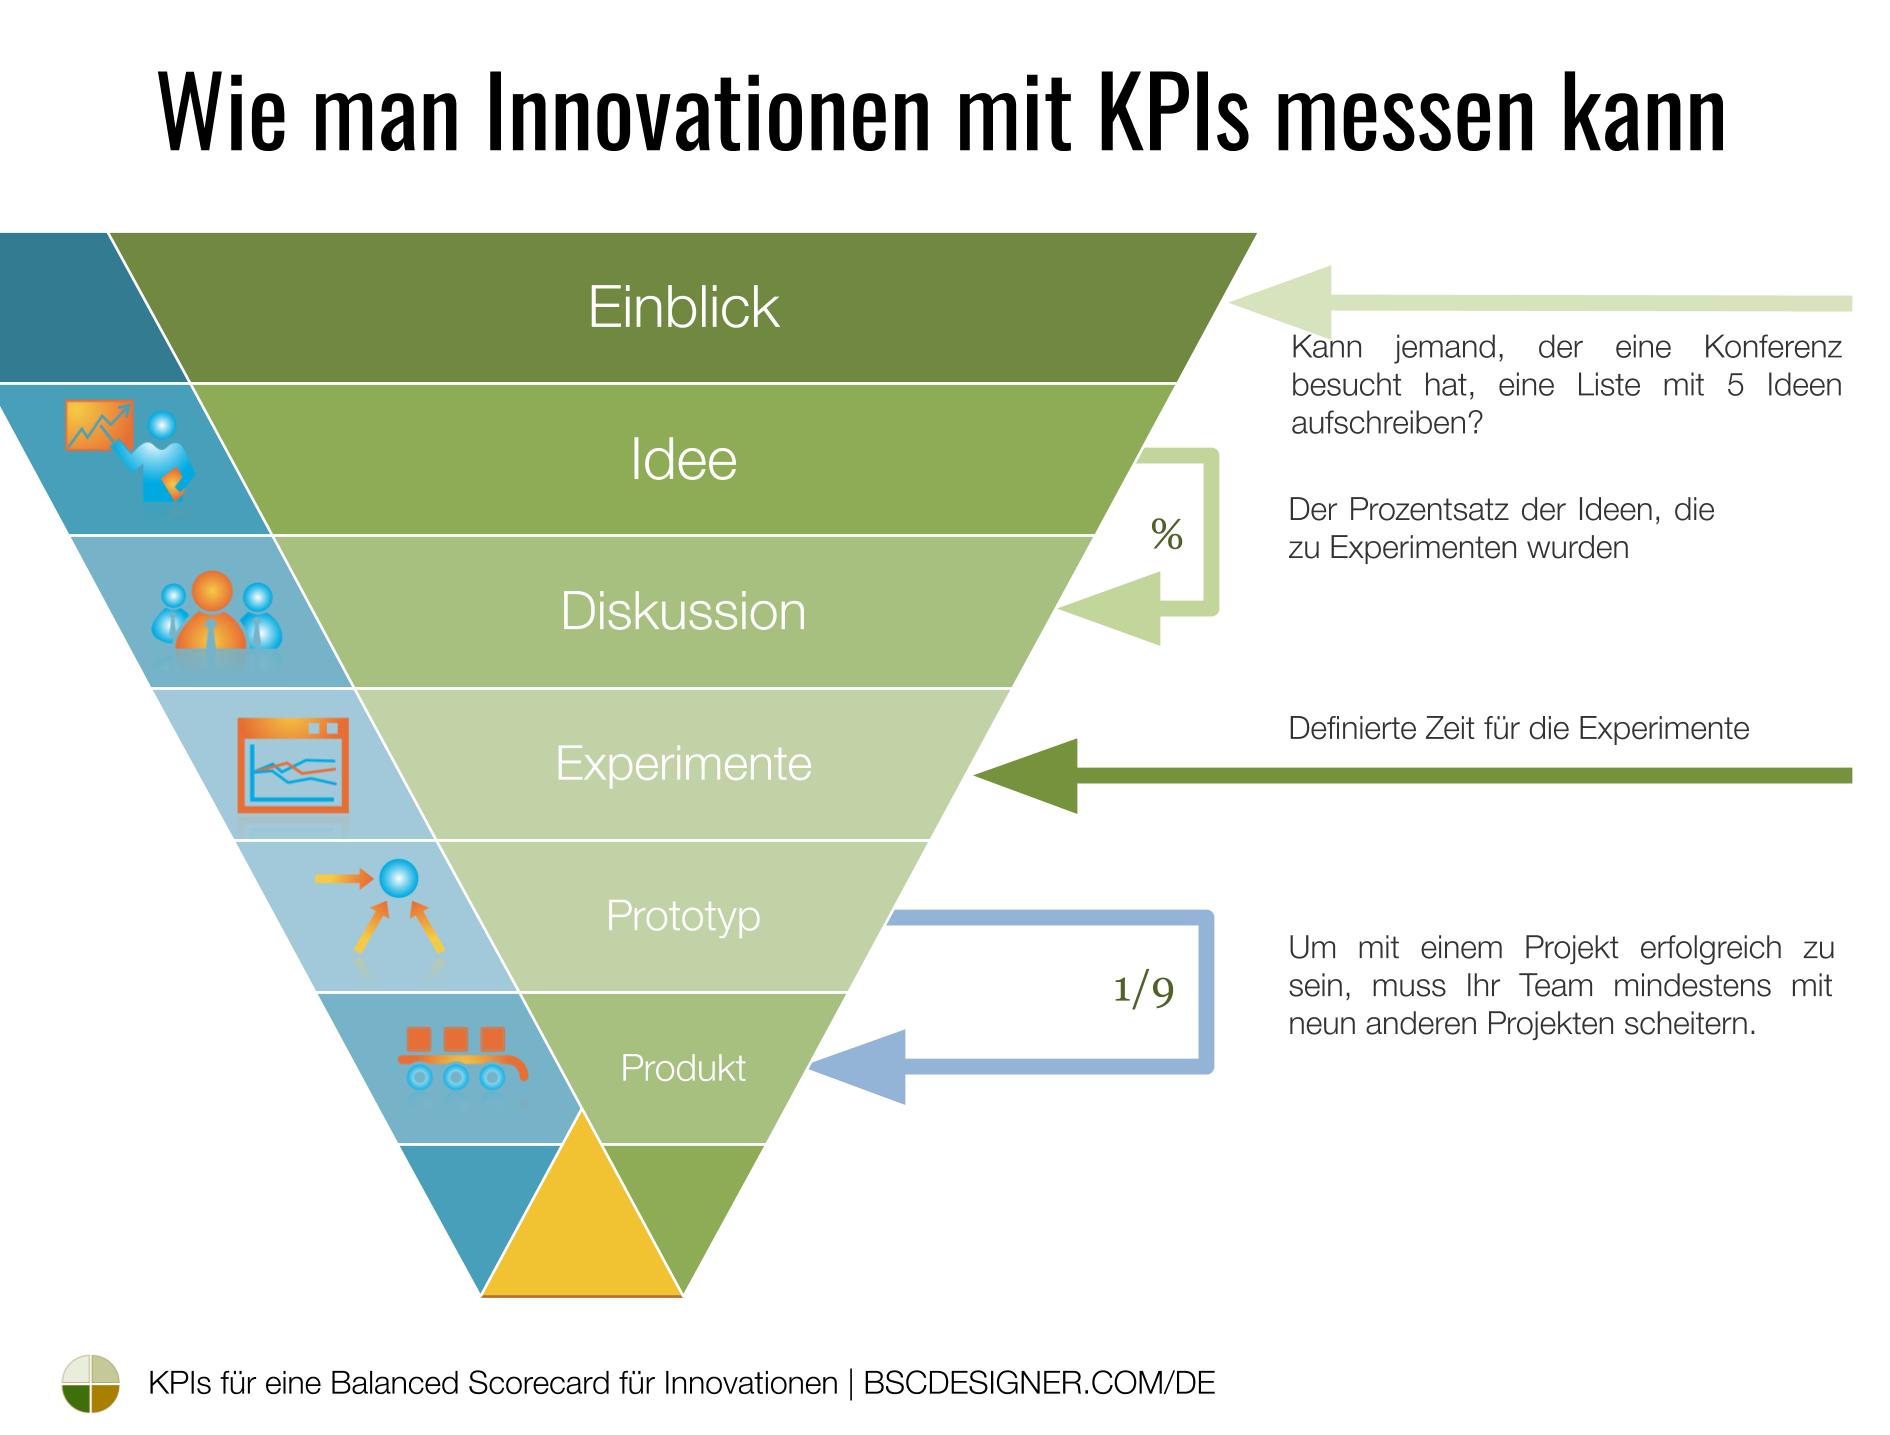 Wie man gute KPIs zur Messung von Innovationen findet